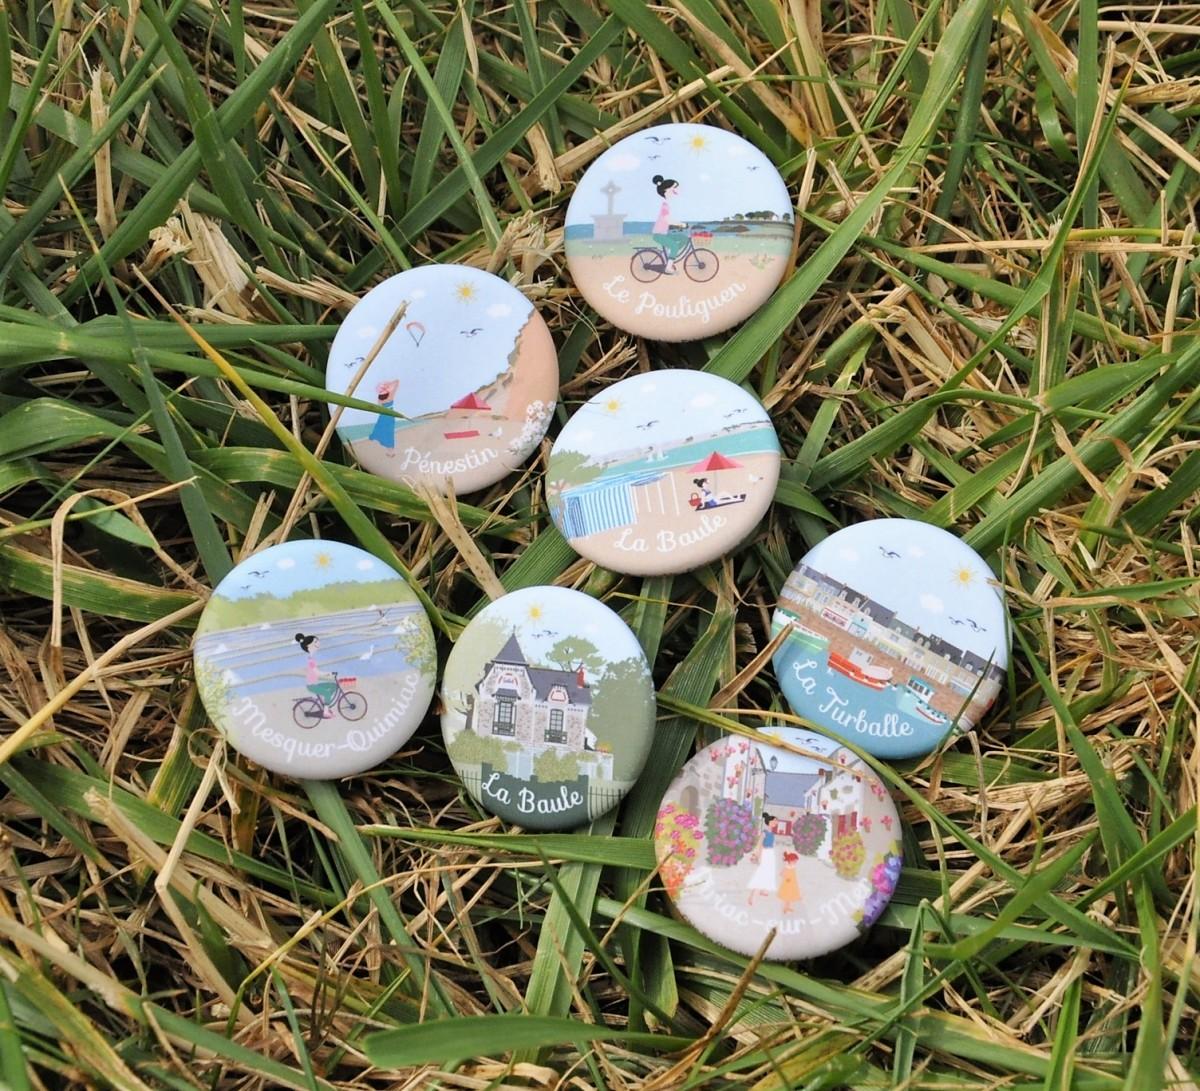 Boutique en ligne - Badges La Baule Presqu'île de Guérande - Office de tourisme La Baule Presqu'île de Guérande